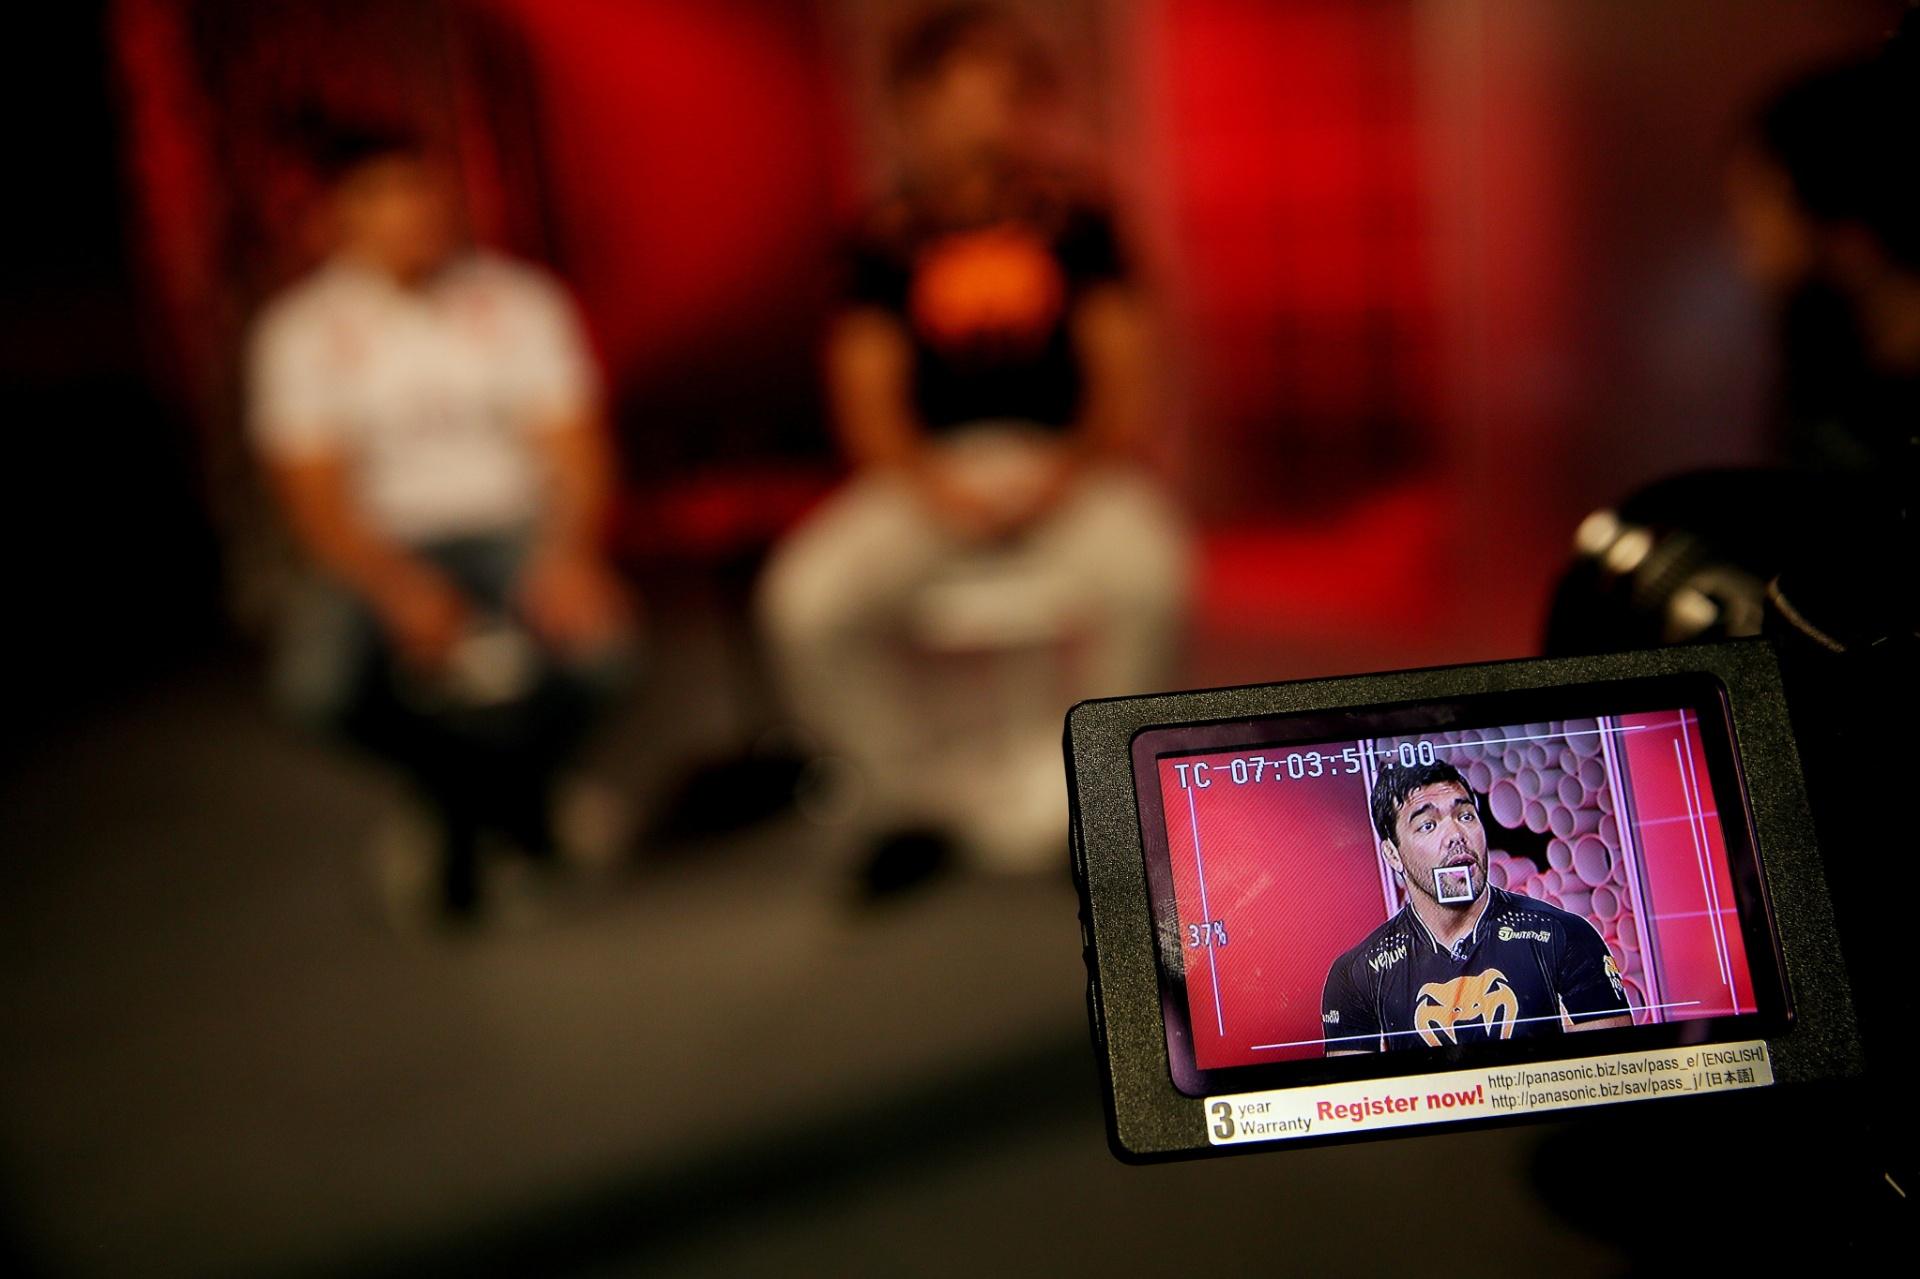 29. out. 2014 - Lyoto Machida e Renan Barão no estúdio do UOL para entrevista exclusiva. Os dois têm lutas no UFC Barueri, em dezembro